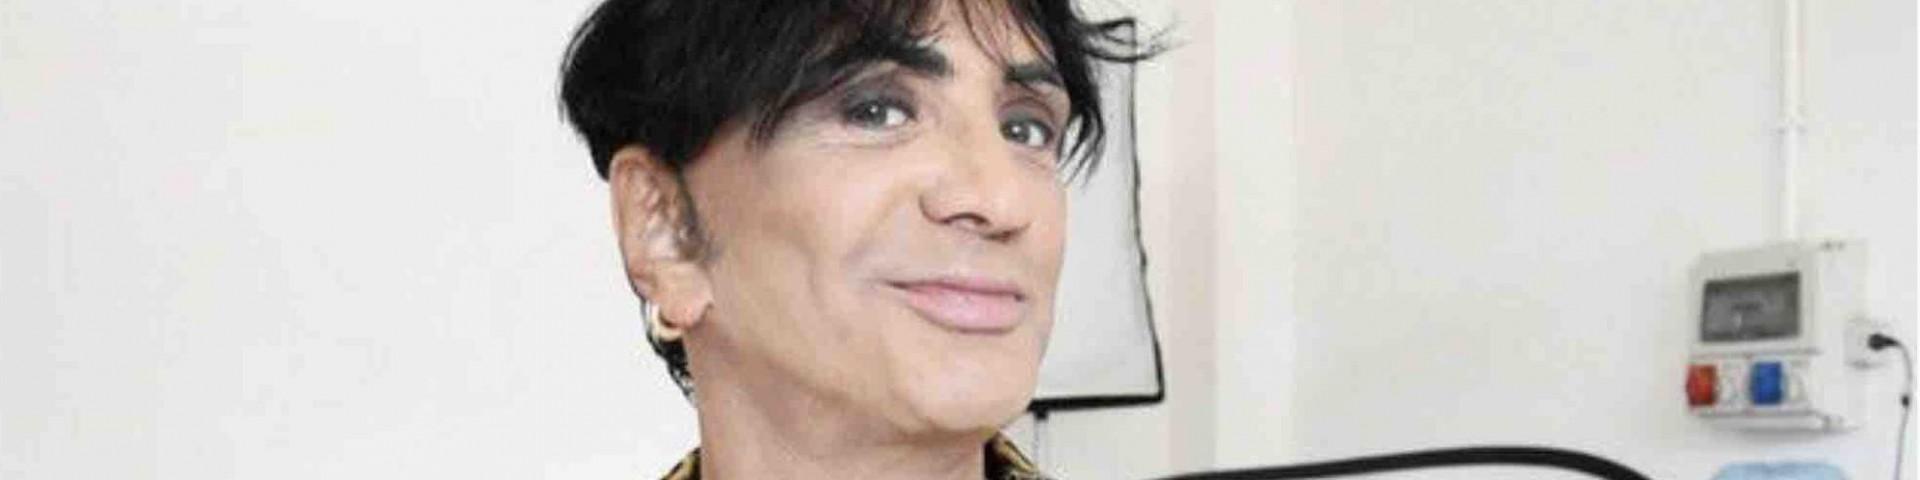 """Ivan Cattaneo escluso da Sanremo con Patty Pravo: """"Colpa del Grande Fratello"""""""